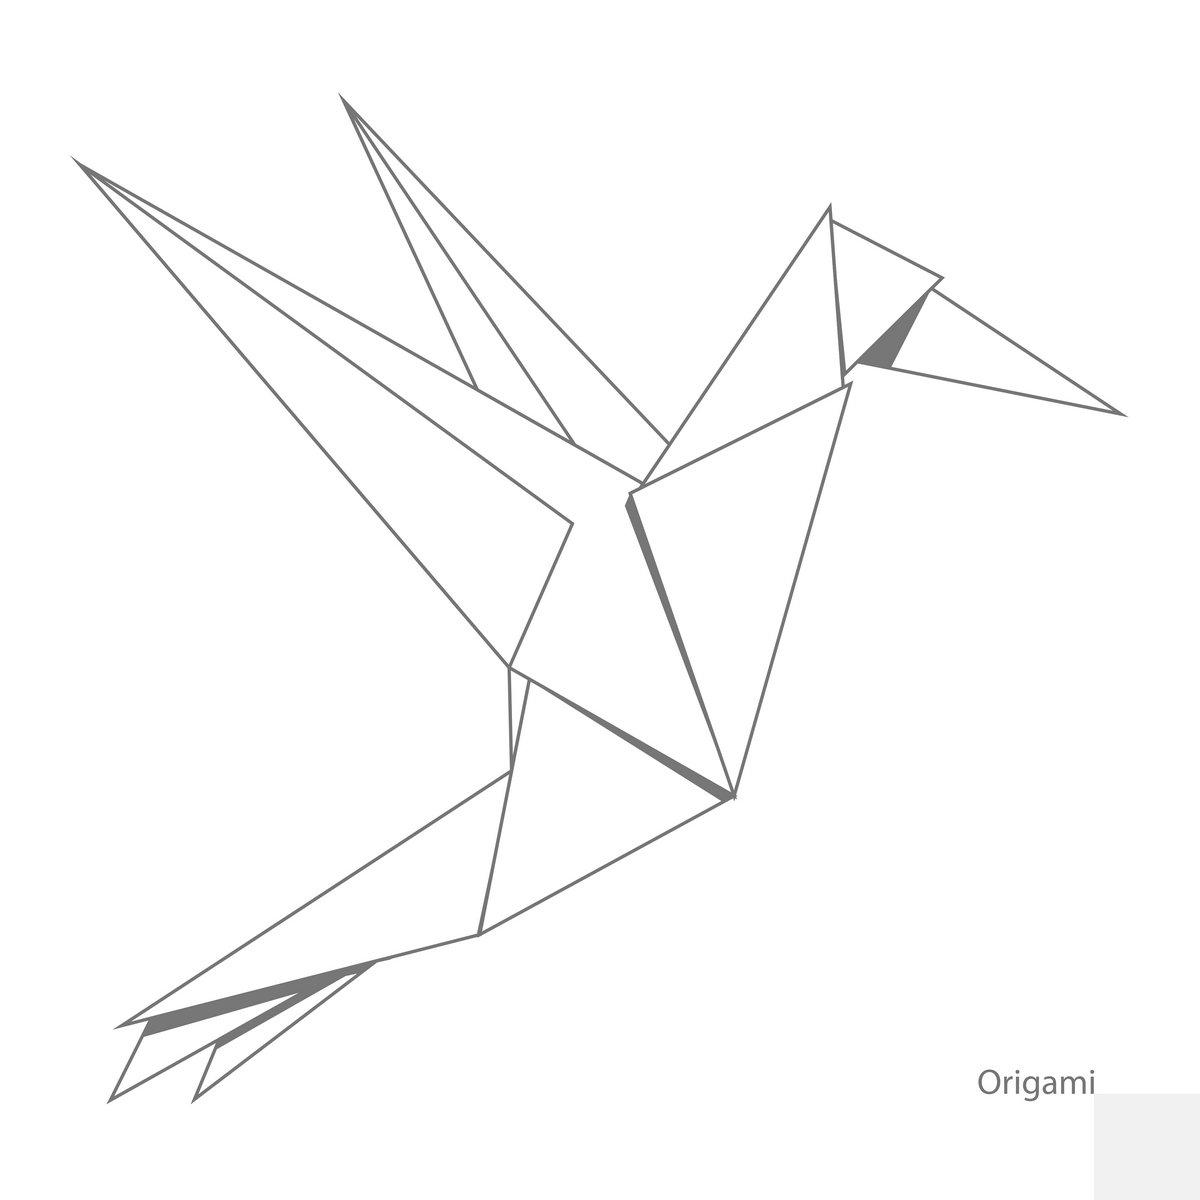 Постер-картина Минимализм Оригами из бумаги птица-векторная иллюстрацияМинимализм<br>Постер на холсте или бумаге. Любого нужного вам размера. В раме или без. Подвес в комплекте. Трехслойная надежная упаковка. Доставим в любую точку России. Вам осталось только повесить картину на стену!<br>